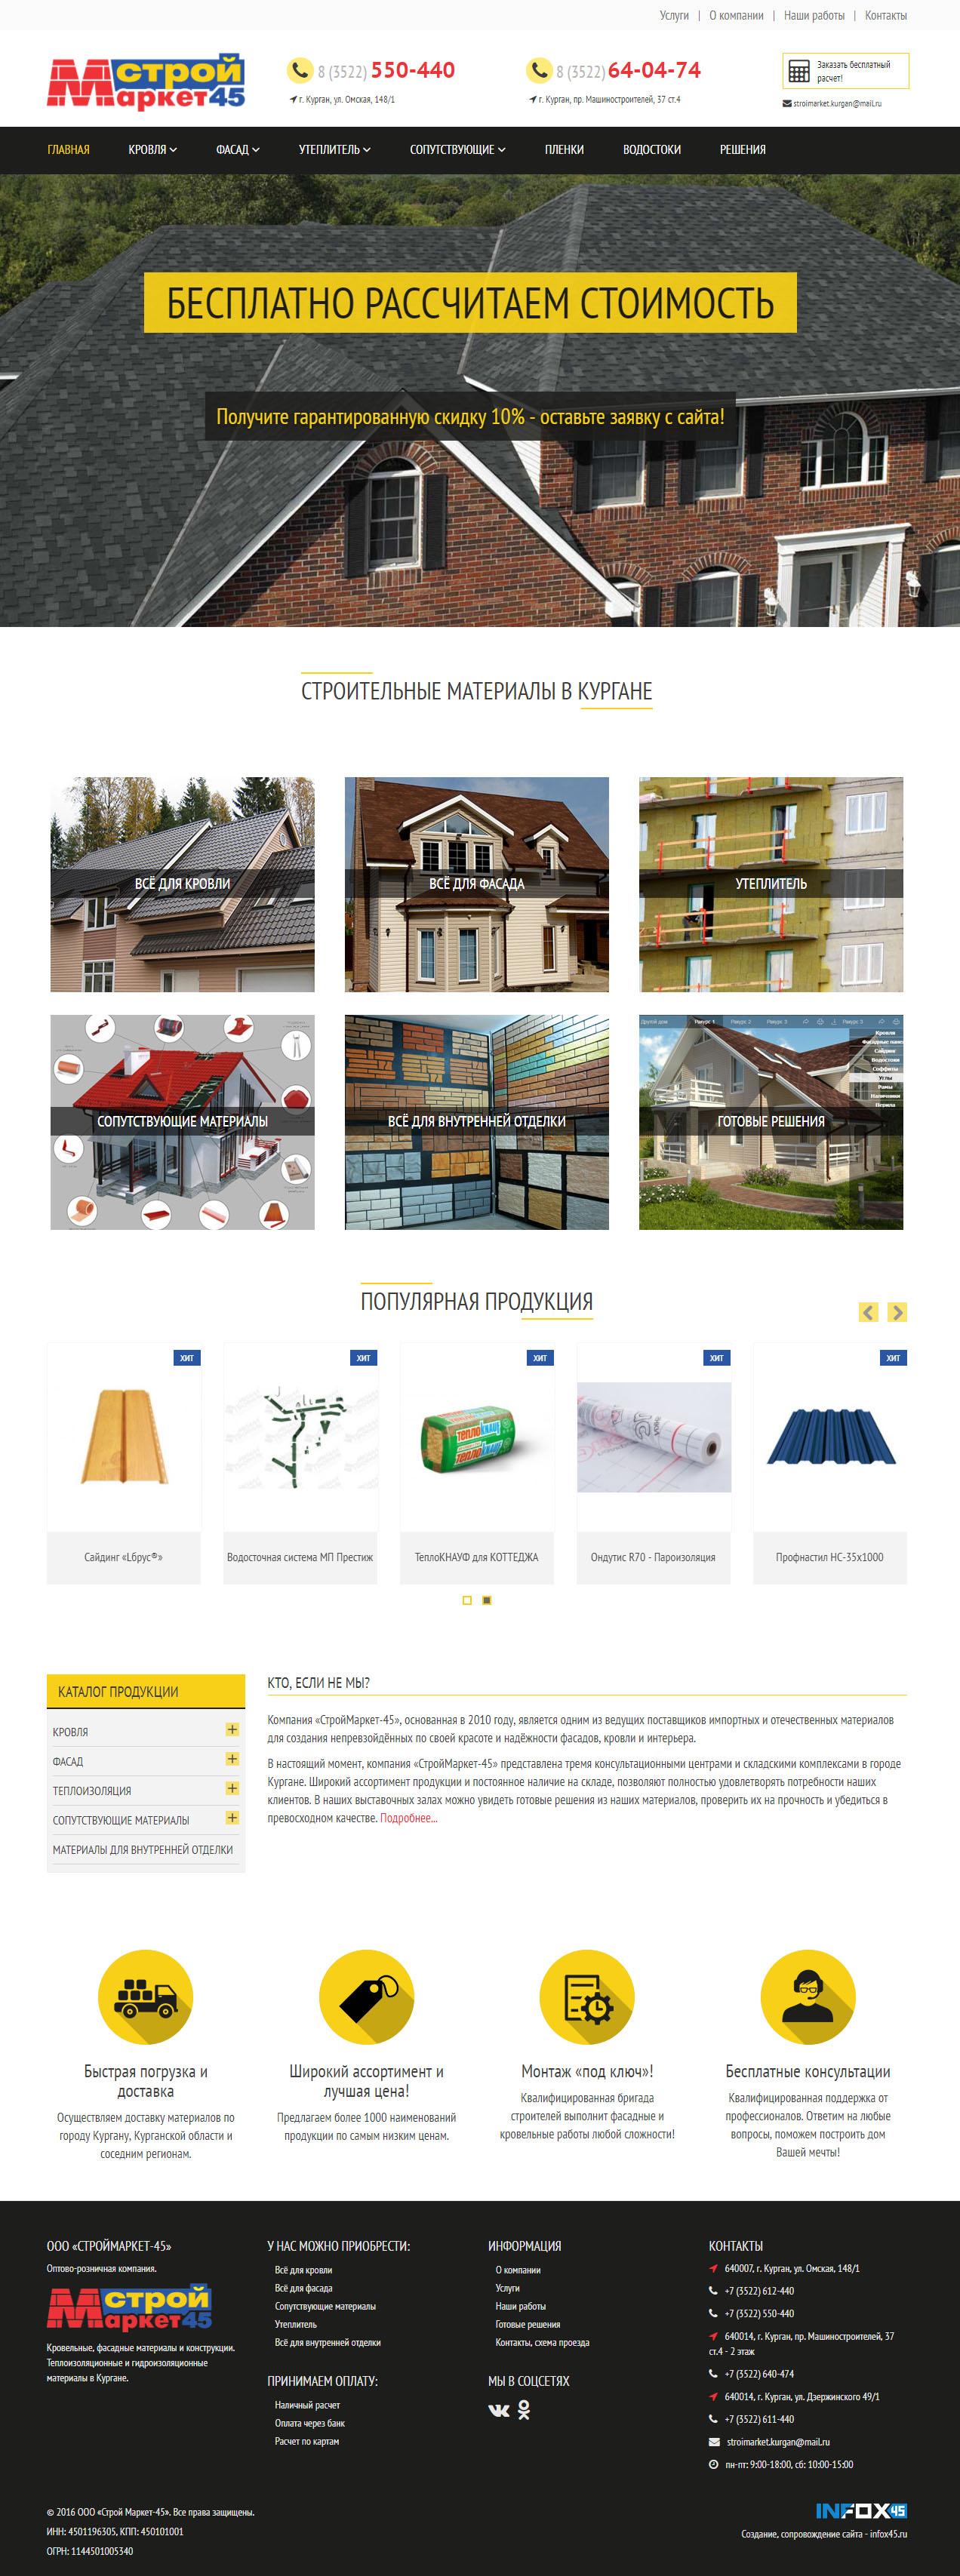 Сайт-каталог строительных материалов